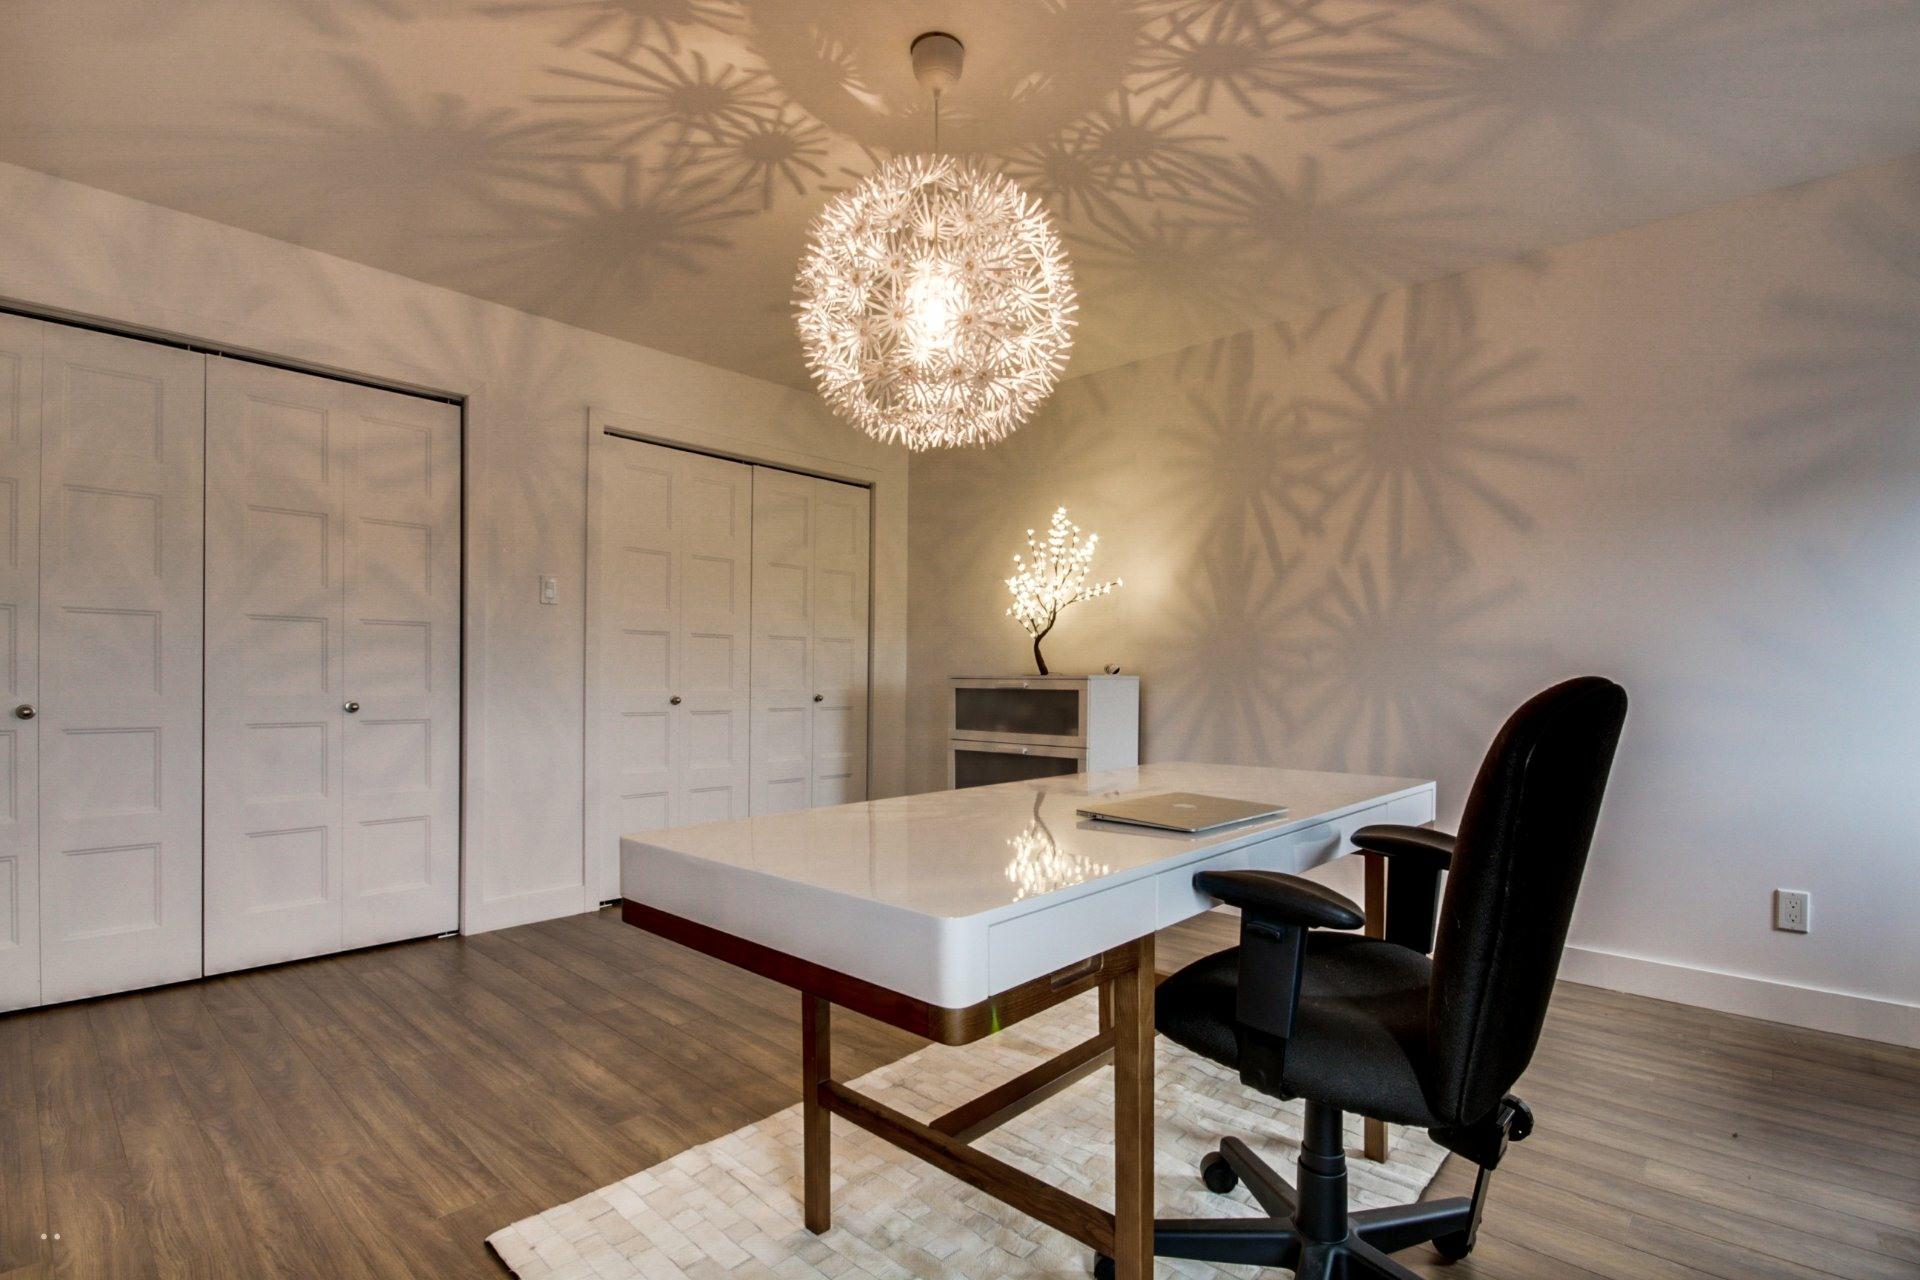 image 28 - Appartement À vendre Trois-Rivières - 7 pièces